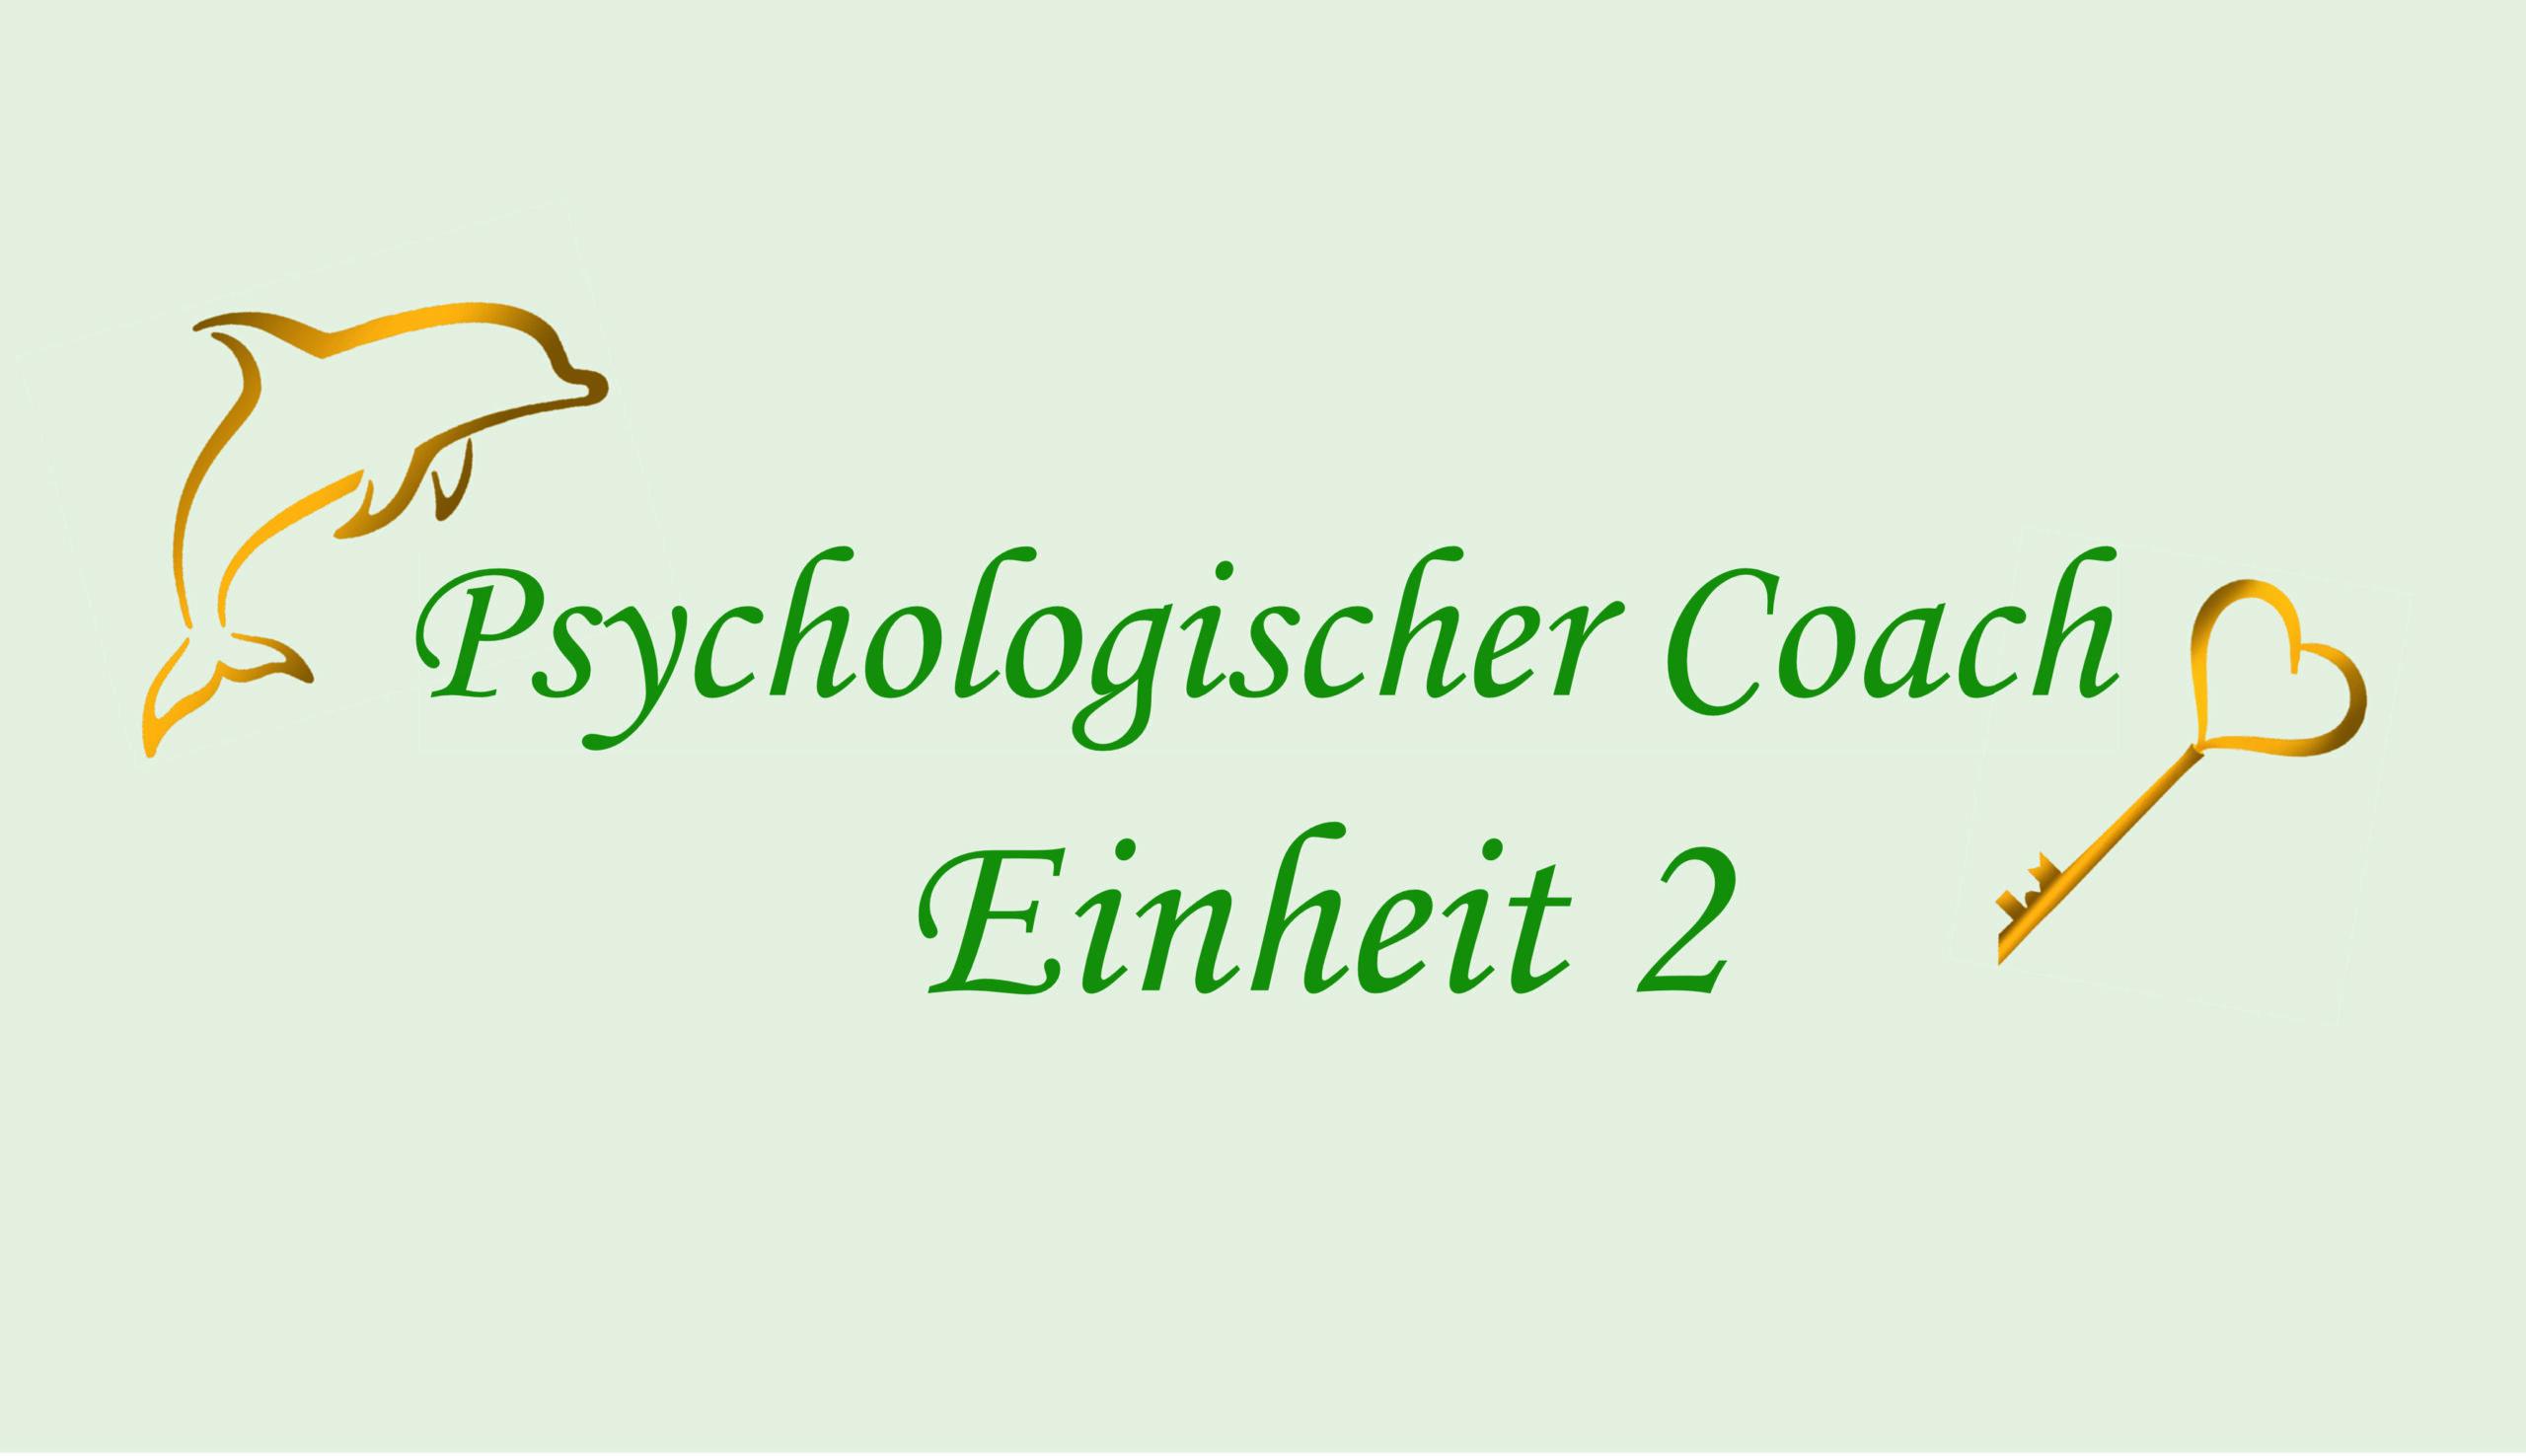 Ausbildung Psychologischer Coach – Einheit 2 (ONLINE)